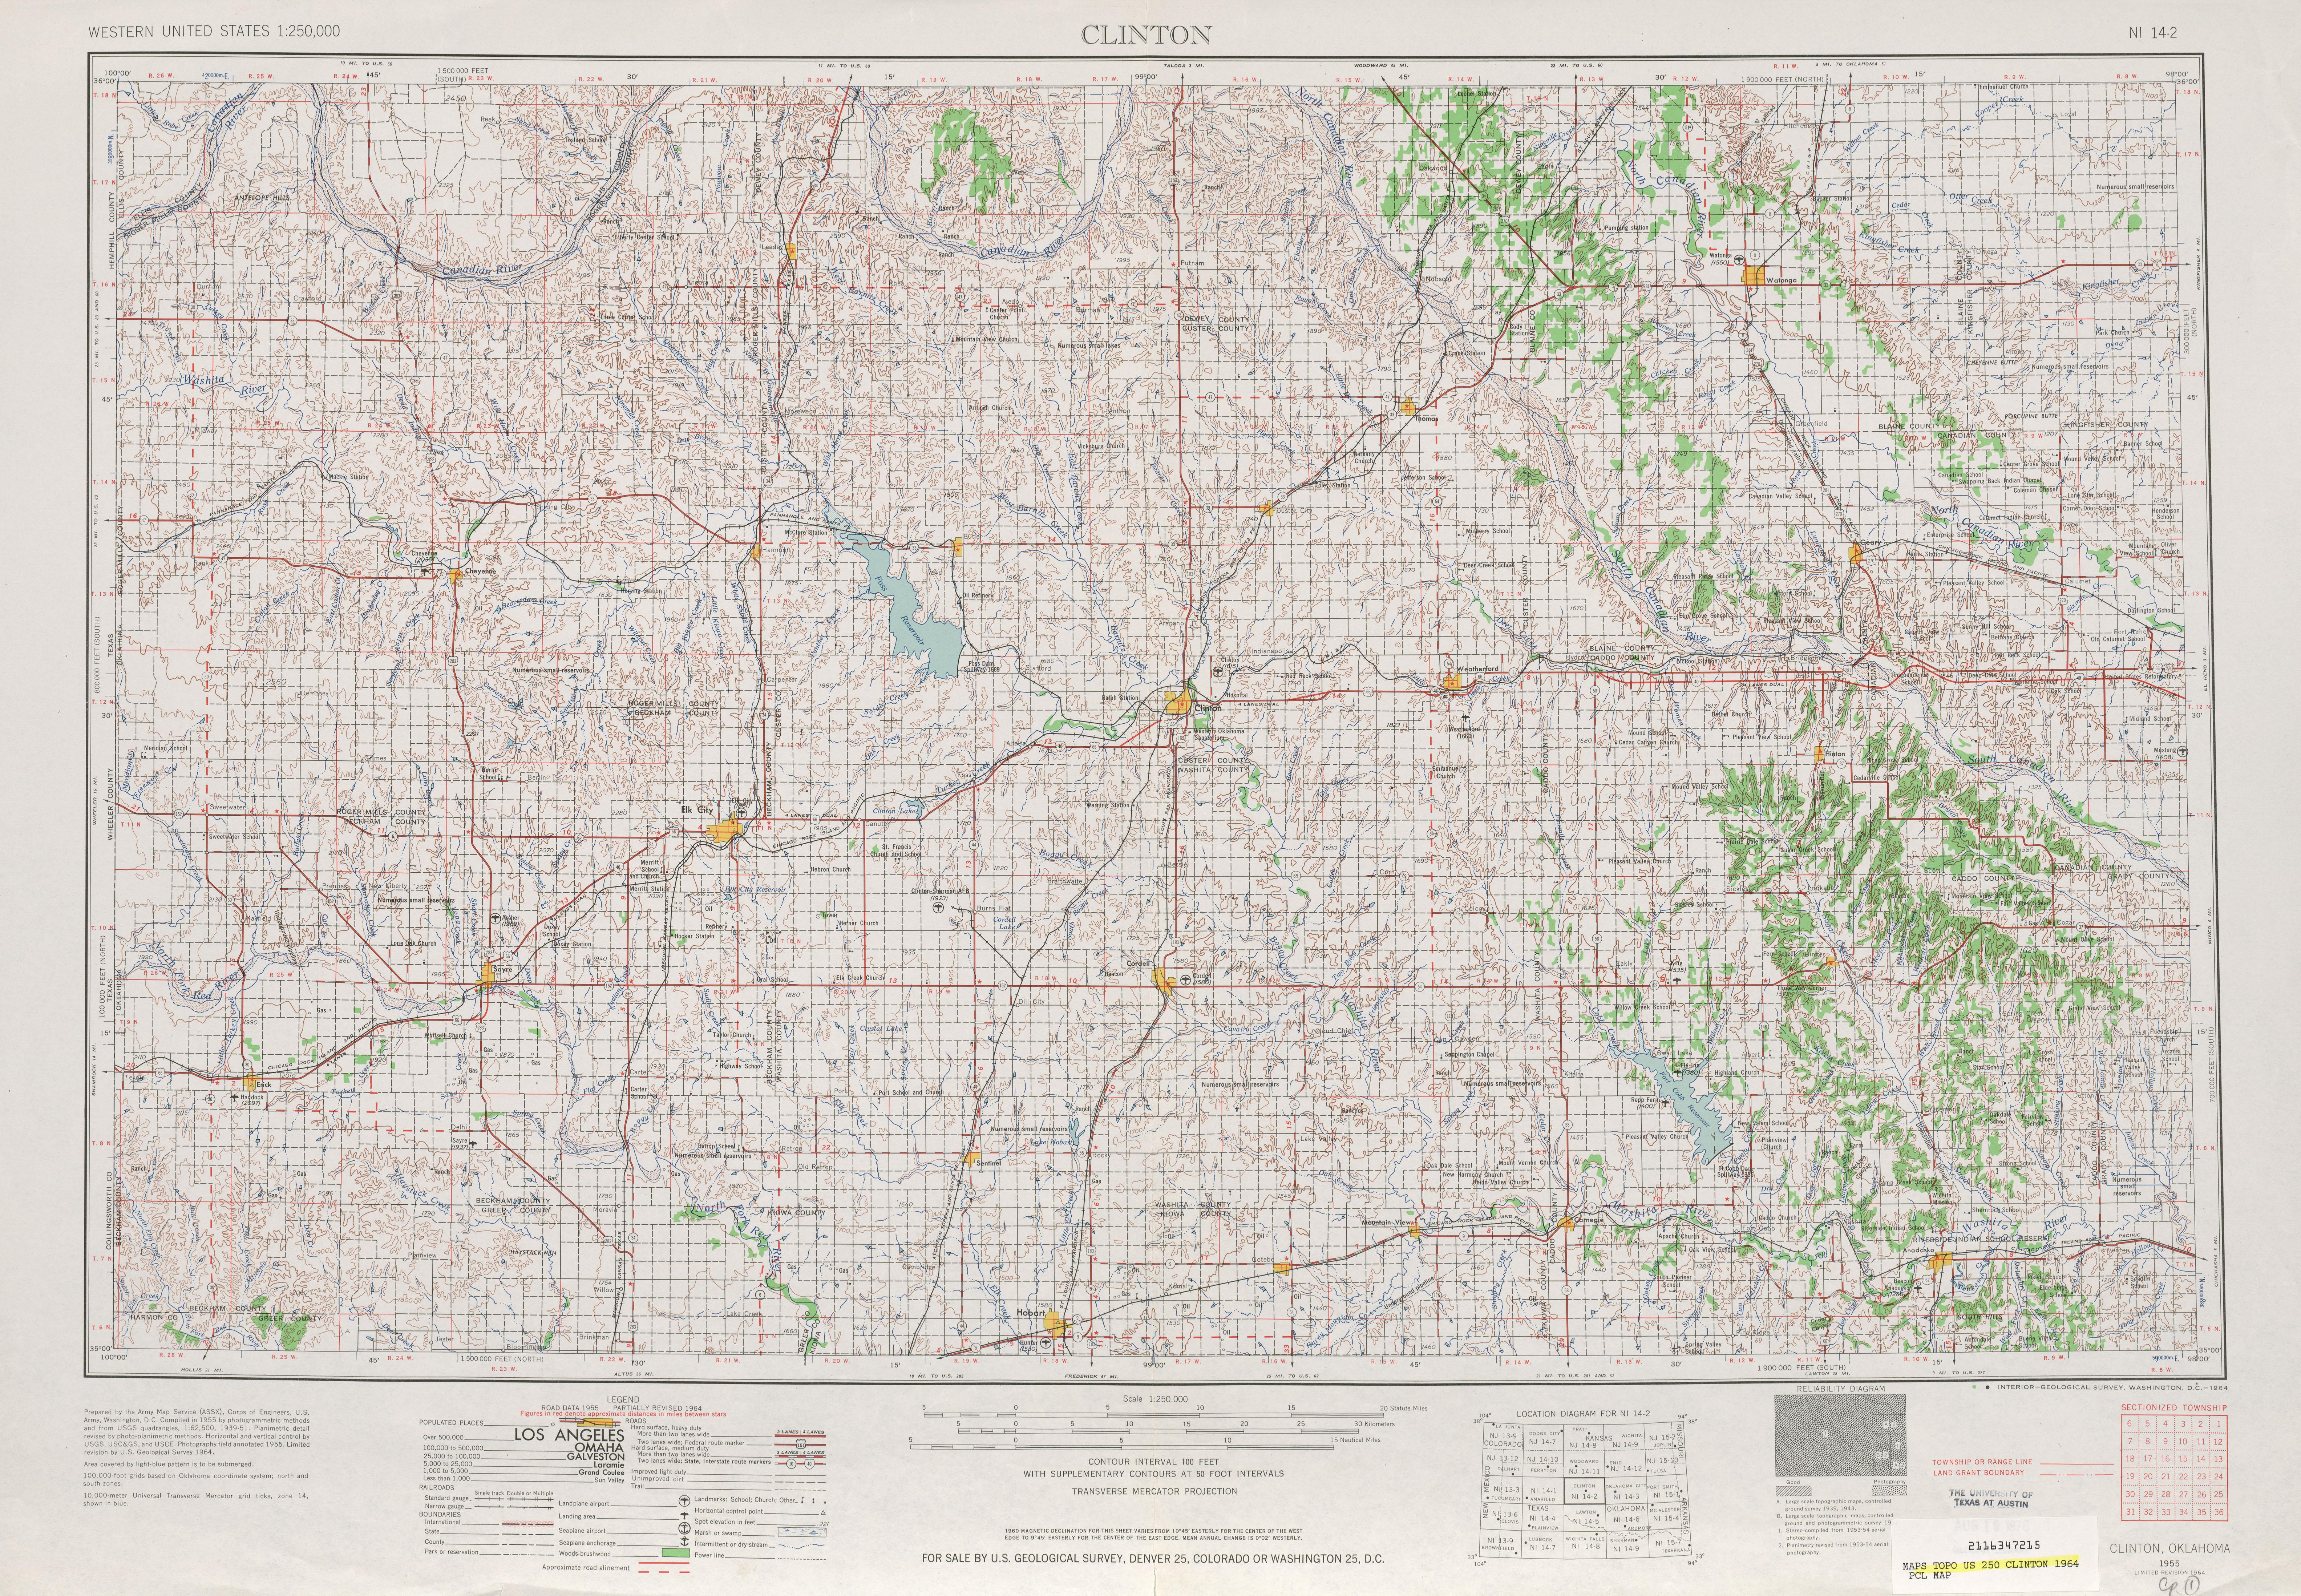 Hoja Clinton del Mapa Topográfico de los Estados Unidos 1964